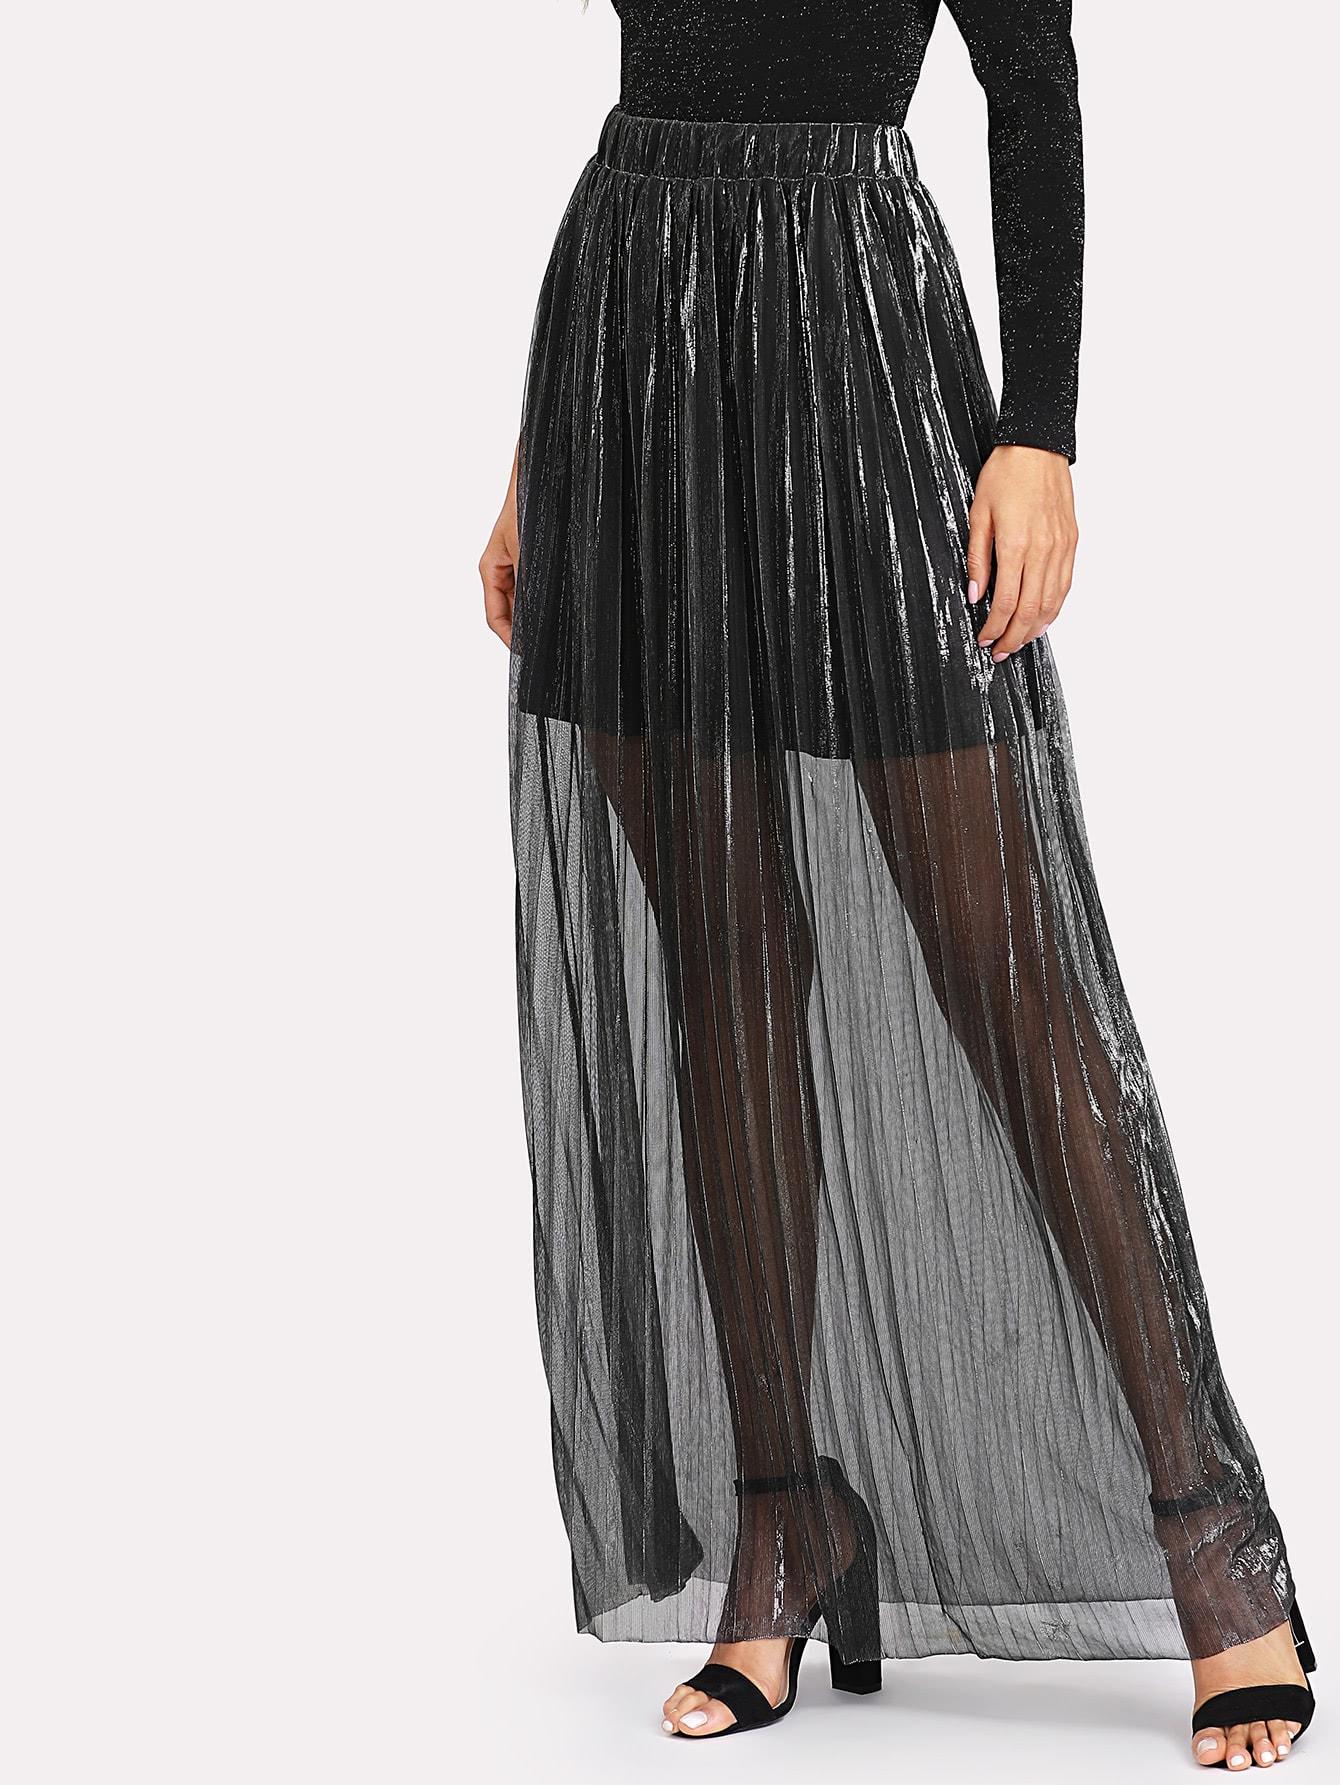 Self Belt Glitter Pleated Skirt